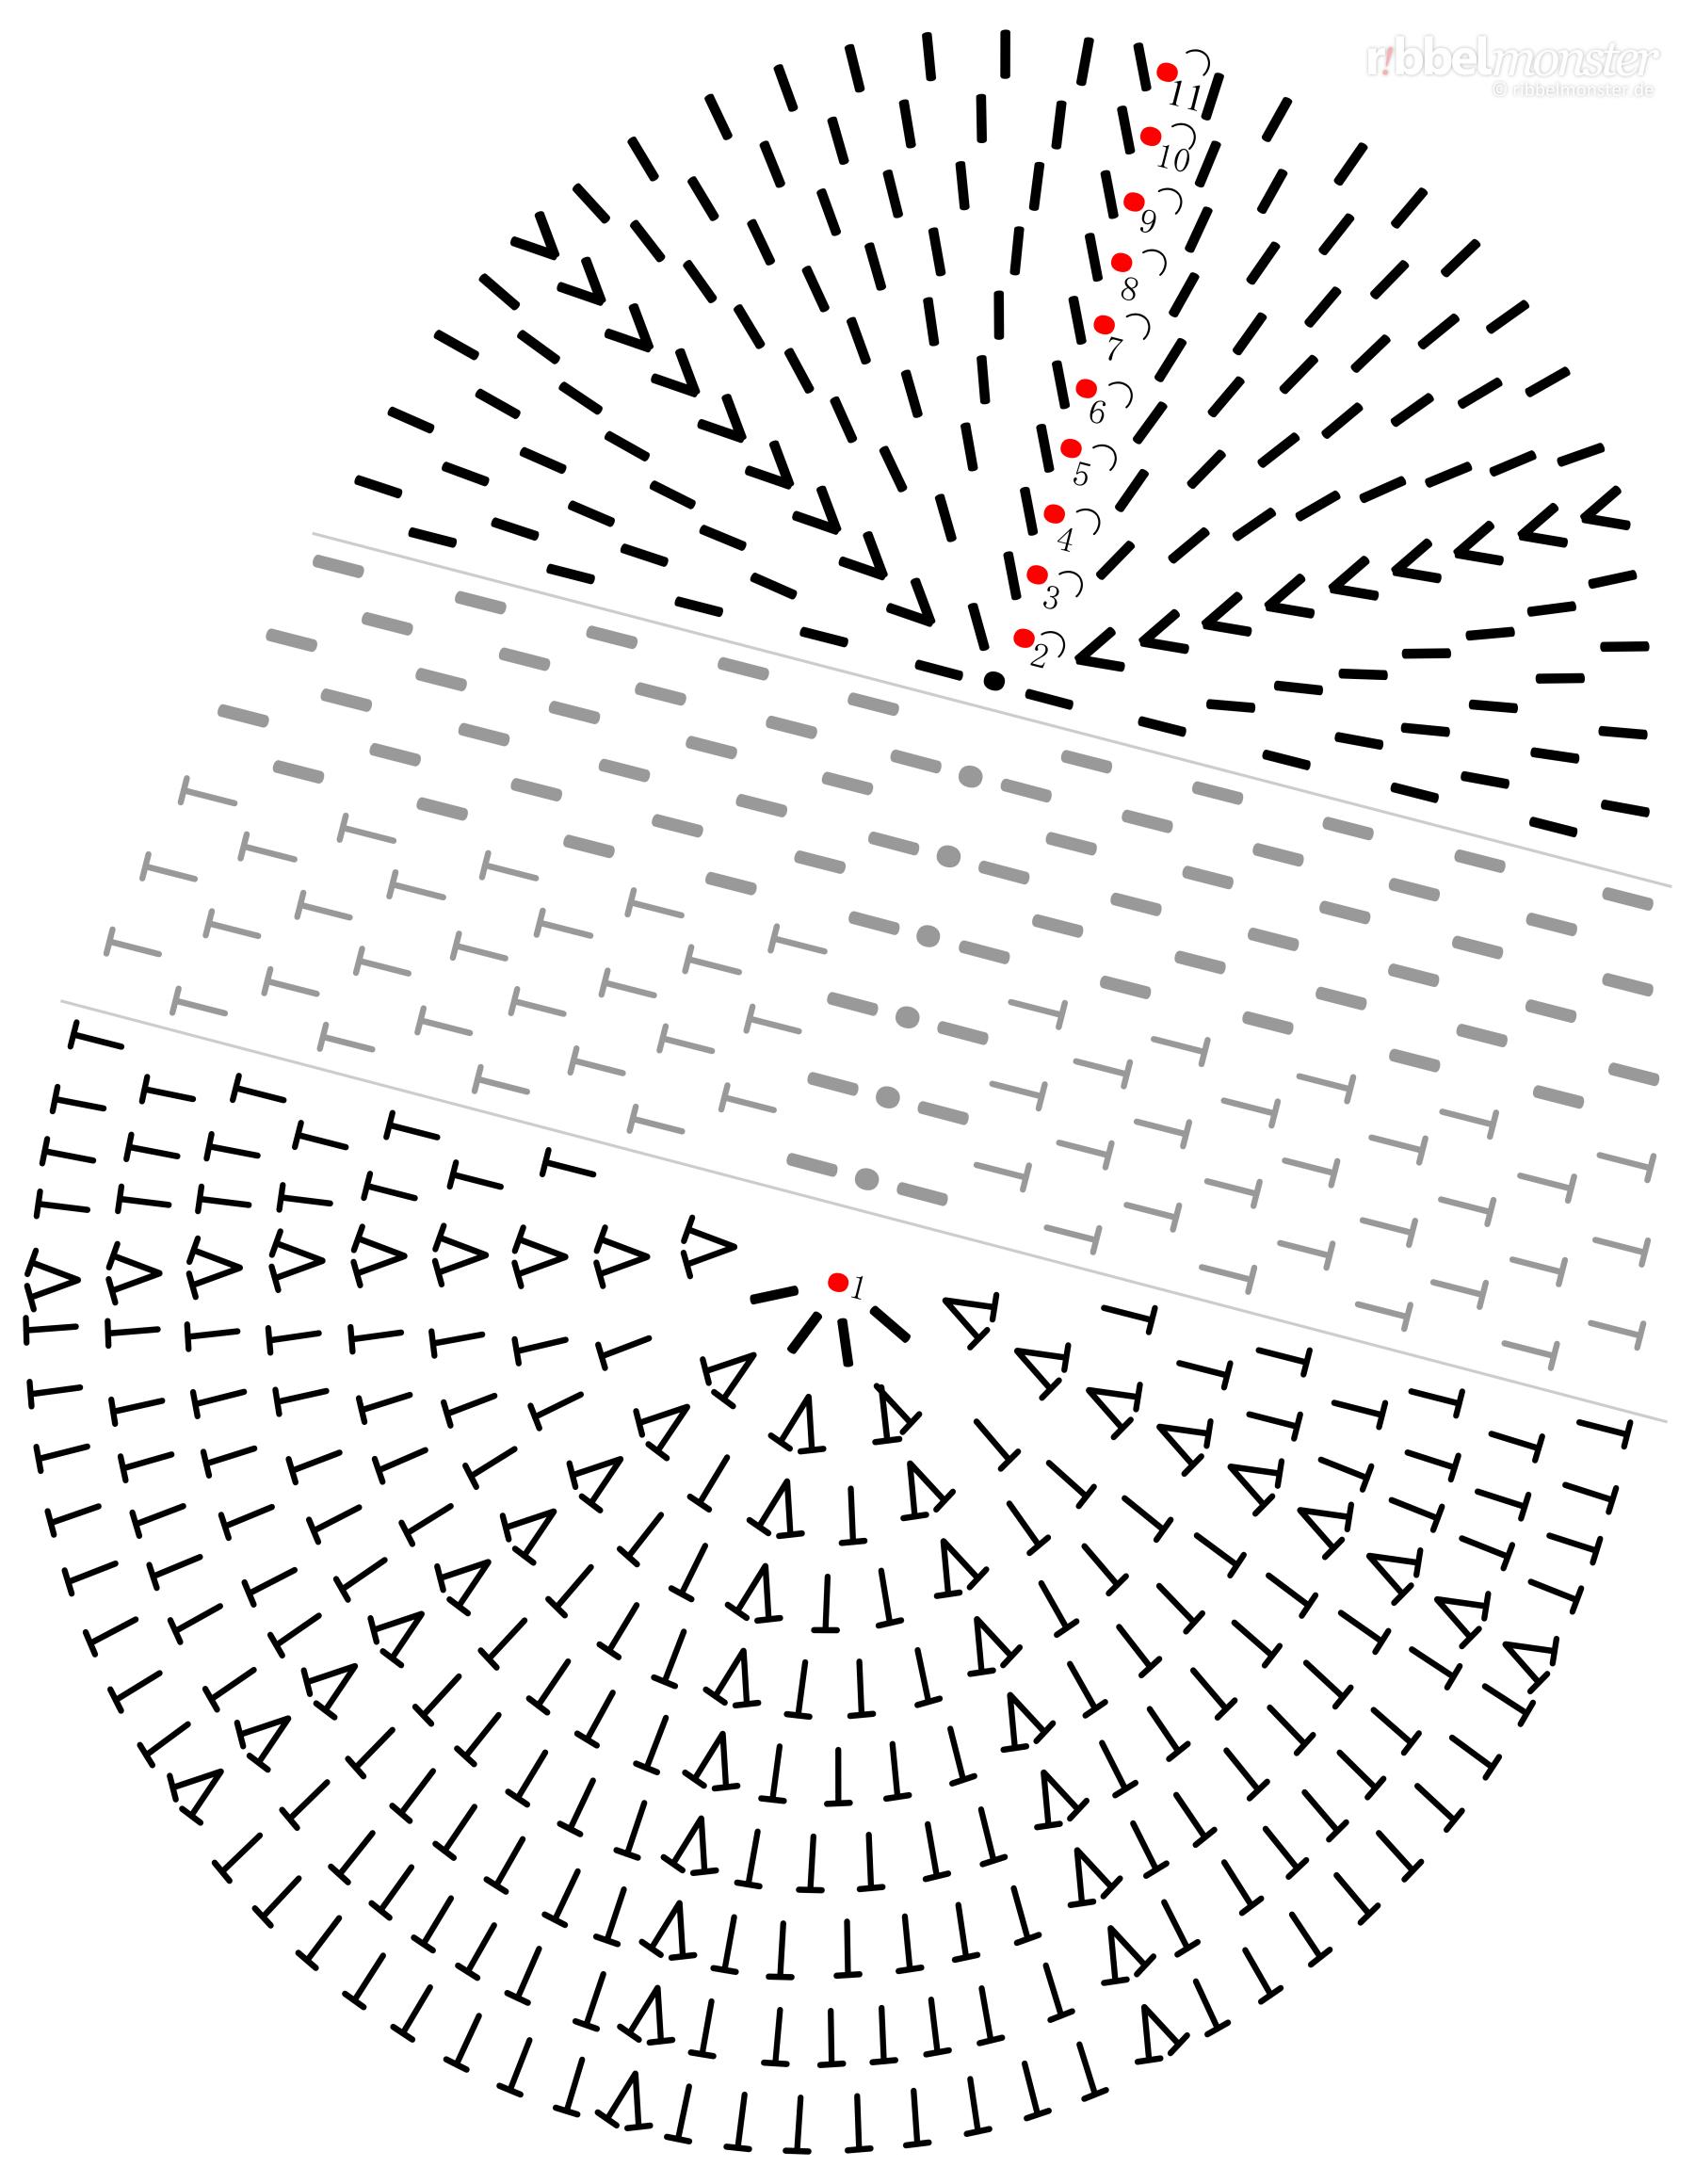 Schuhe Häkeln Ergonomische Sohle Häkelschrift Häkelmuster